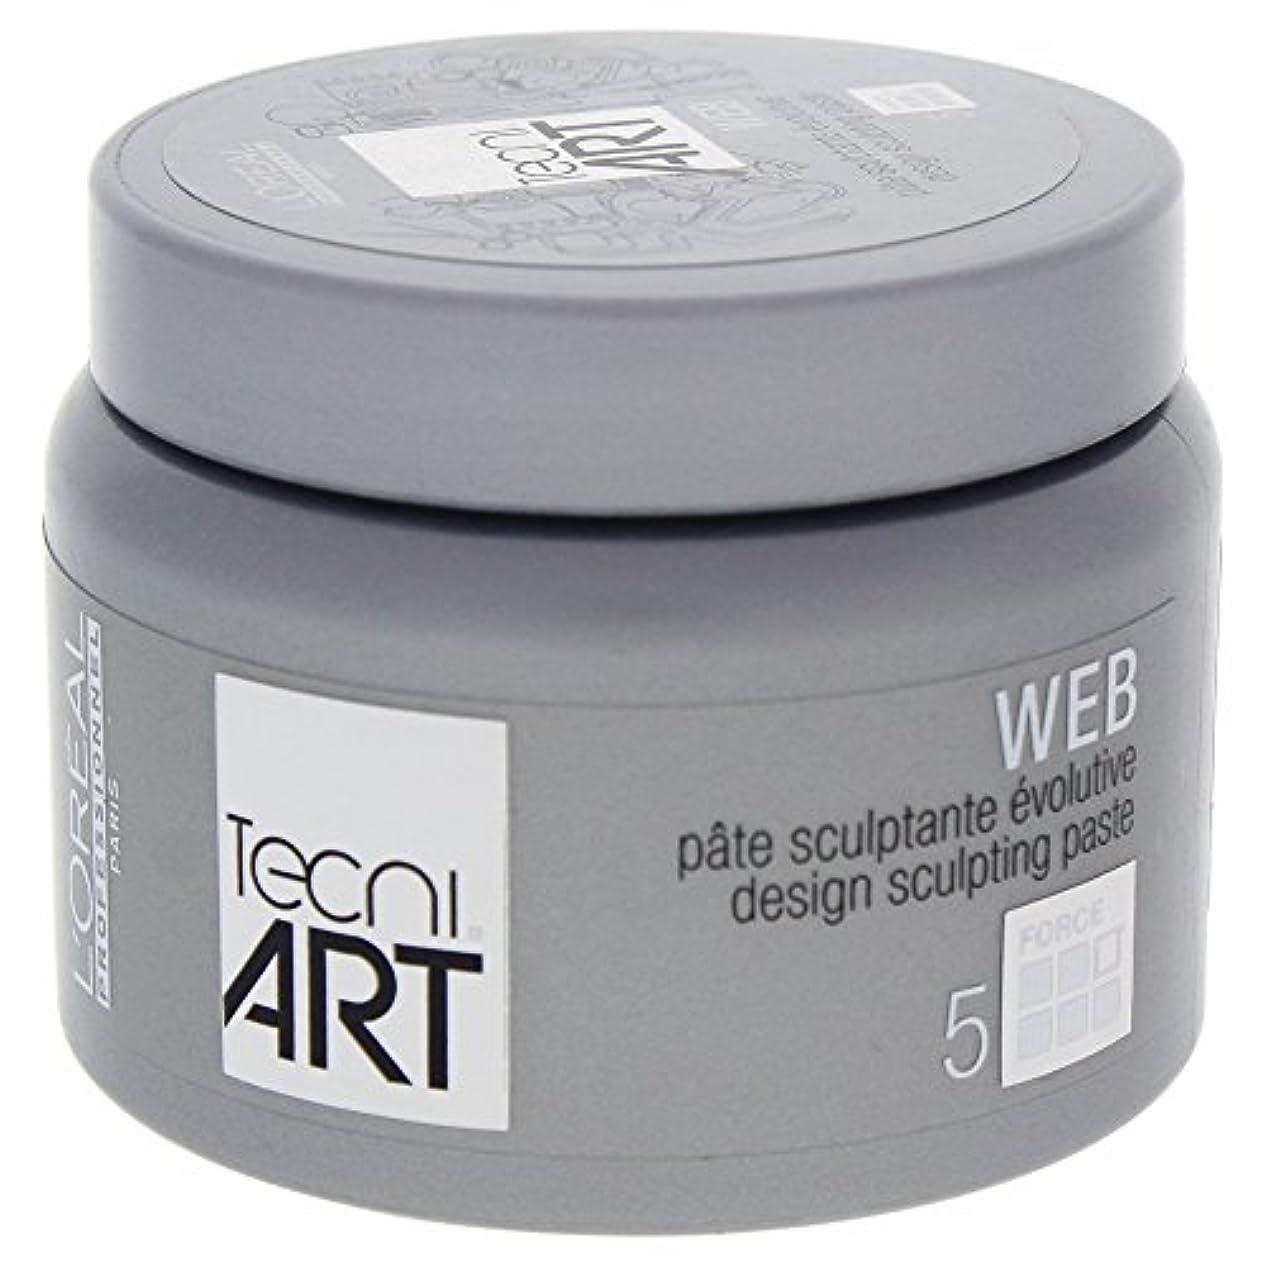 ロレアルテクニアートTecni Art Force 5 Web Design Sculpting Paste